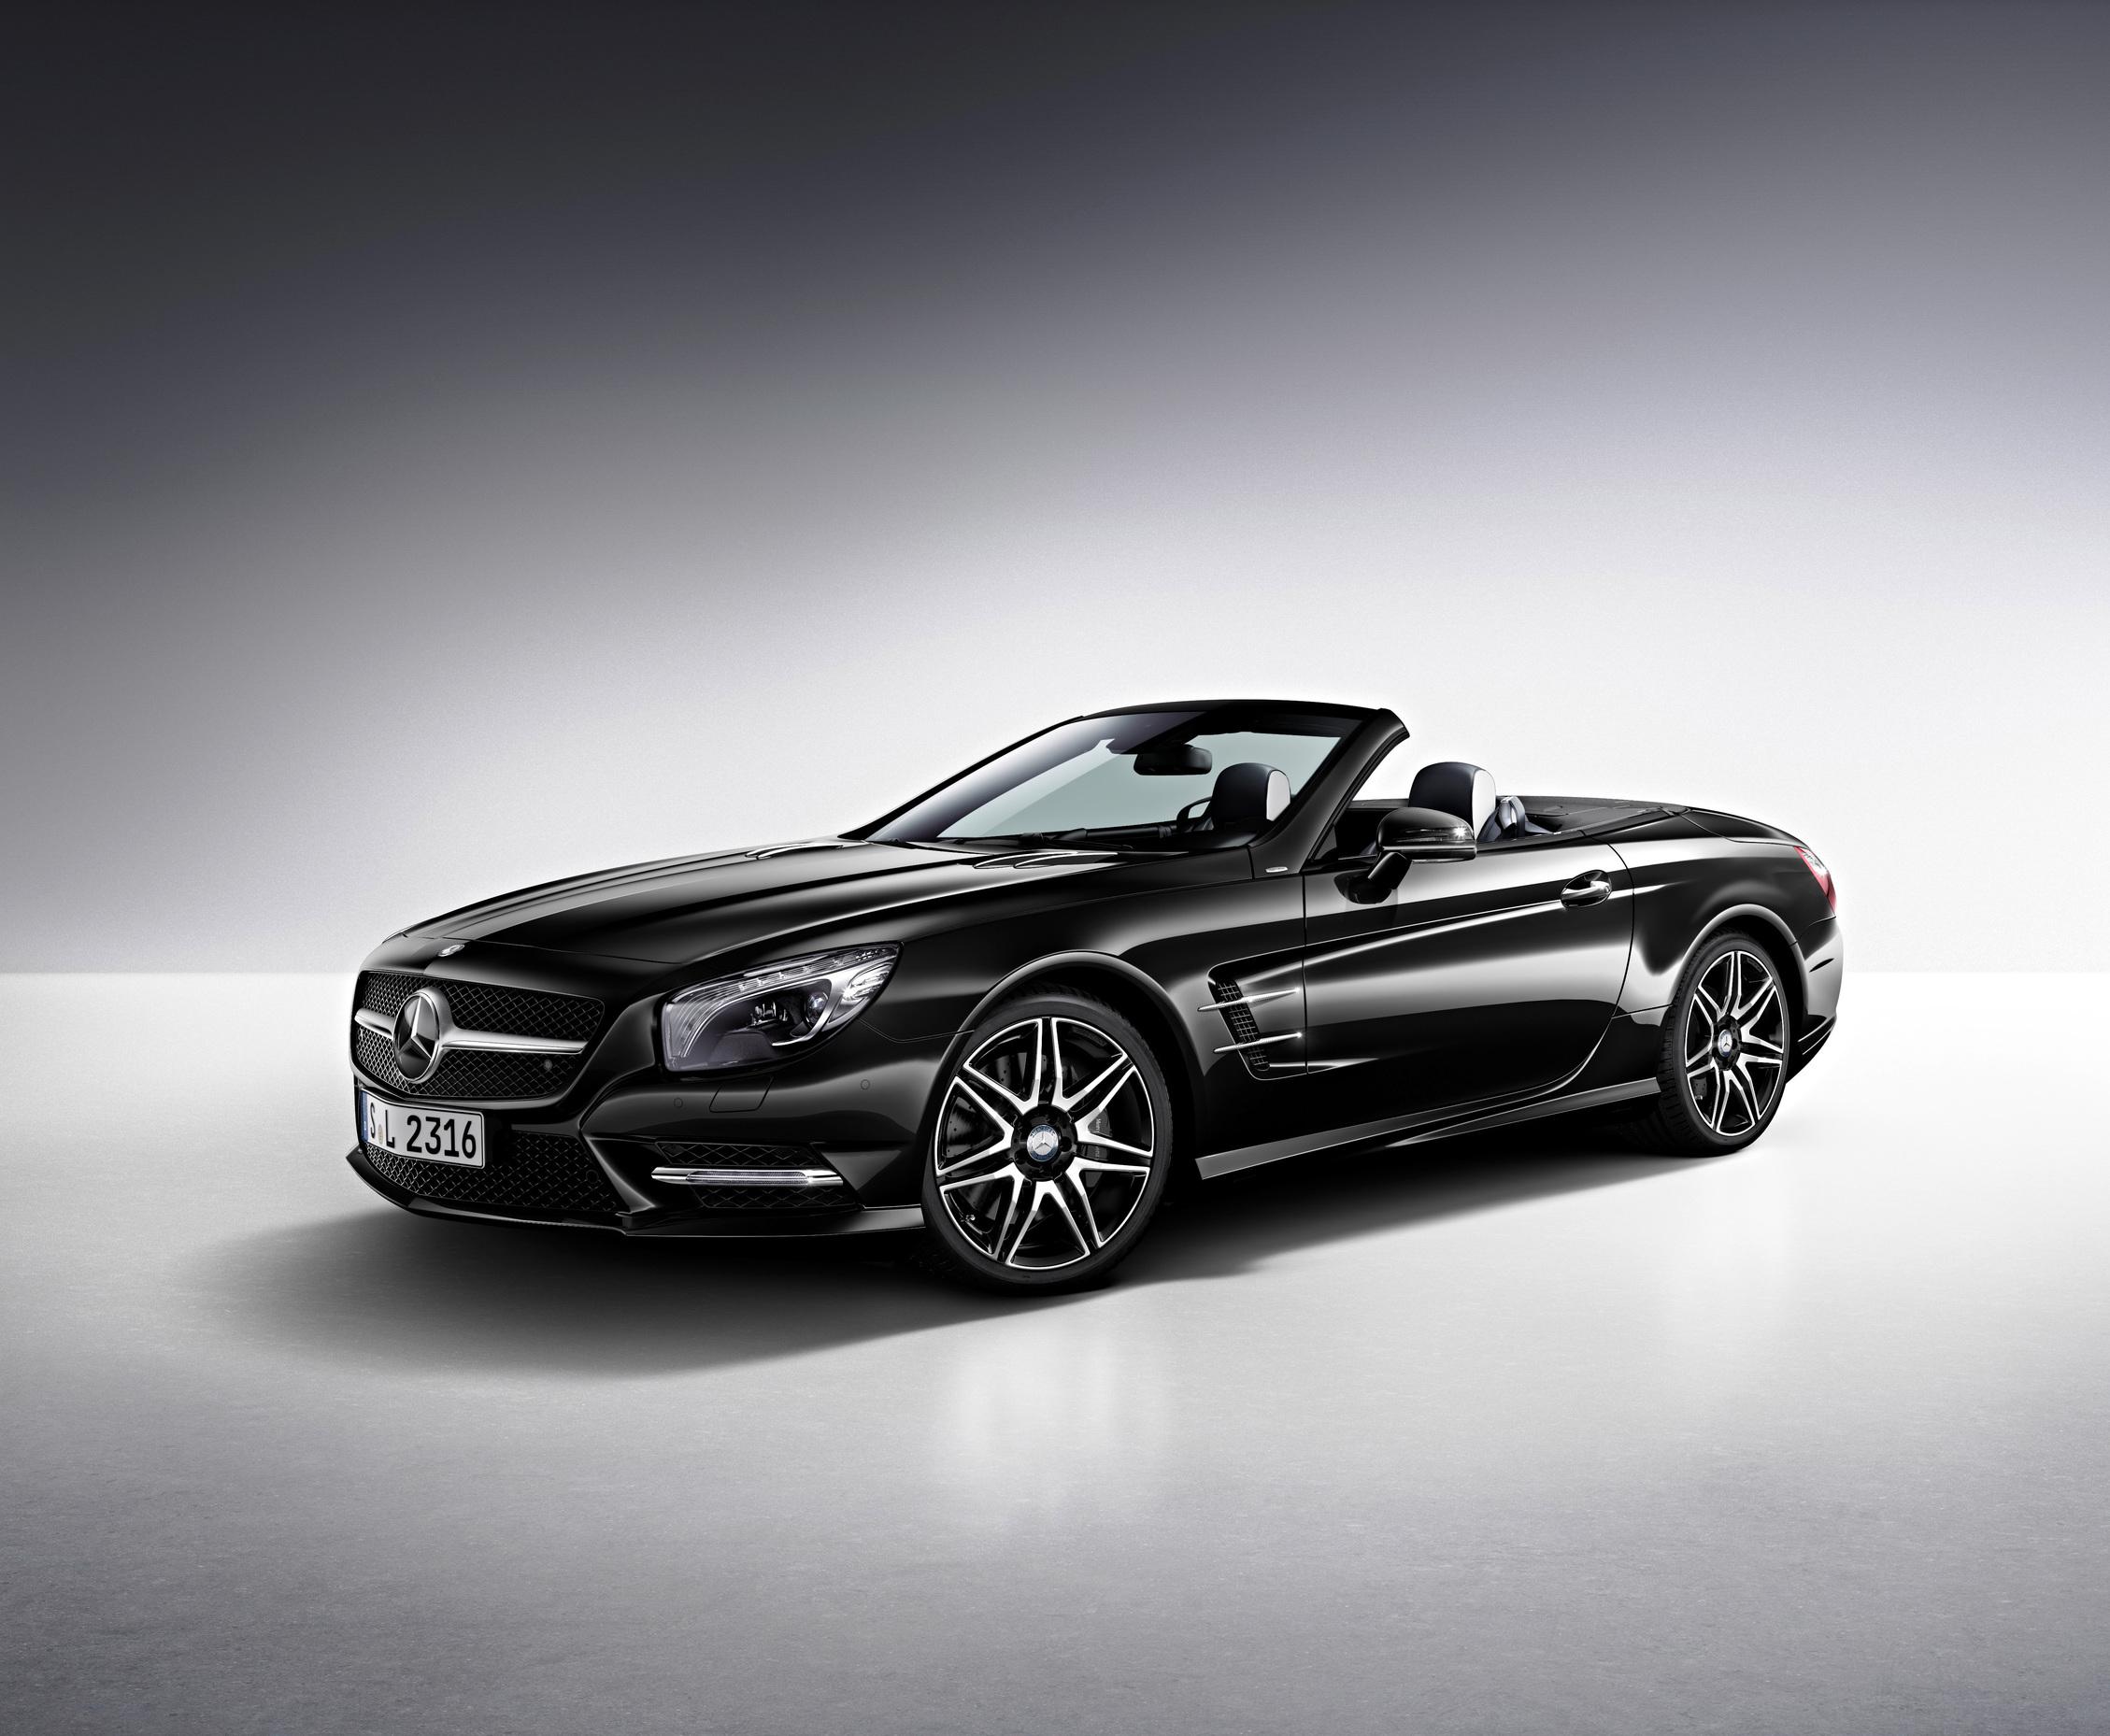 Zum Artikel Mercedes-Benz SL 400 Biturbo bringt Leistung und senkt Verbrauch